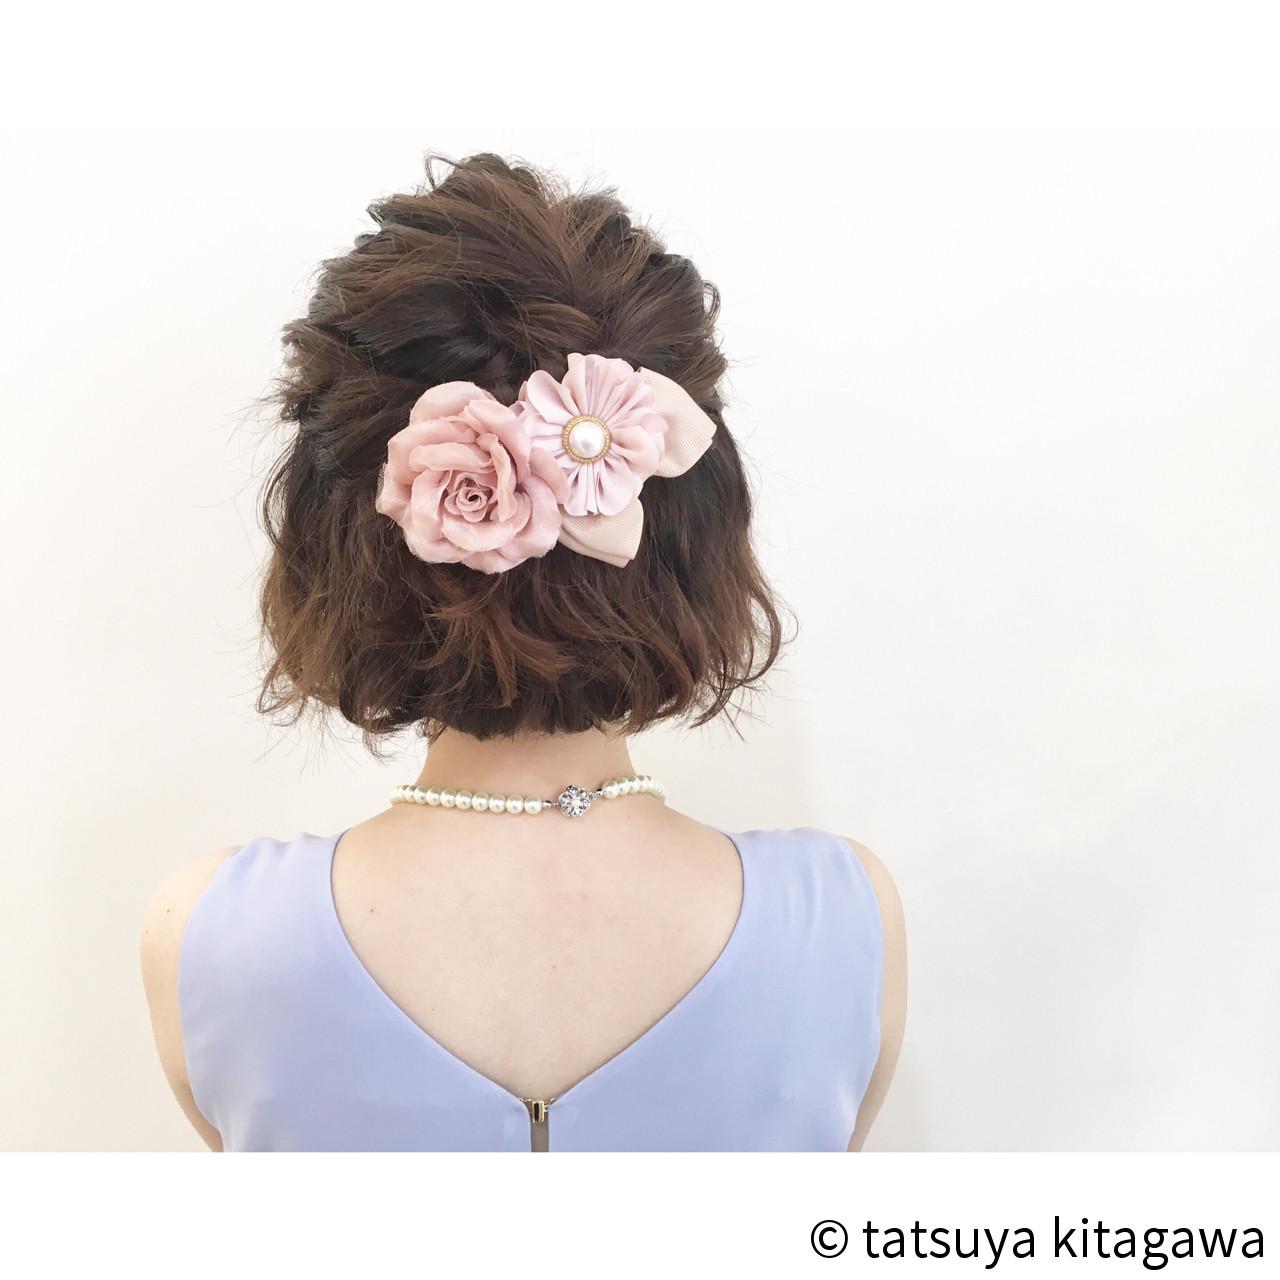 簡単ショートヘアアレンジはバリエ無限大♡短い髪でもデキる! tatsuya kitagawa/ COURARIR 京都駅前店①前髪のバランスを見てトップの髪の毛束を取ります②トップの毛束を盛り上げるようにまとめます③サイドの毛もまとめます。短い場合はねじってとめます④ヘアアクセをつけて仕上げます結婚式やパーティーにも似合う、ハーフアップのアレンジ。ただゴムで結ぶだけではなく、トップにボリュームを出してゴージャスに。逆毛やスキ毛でボリュームアップも可能なのでチャレンジしてみてくださいね。